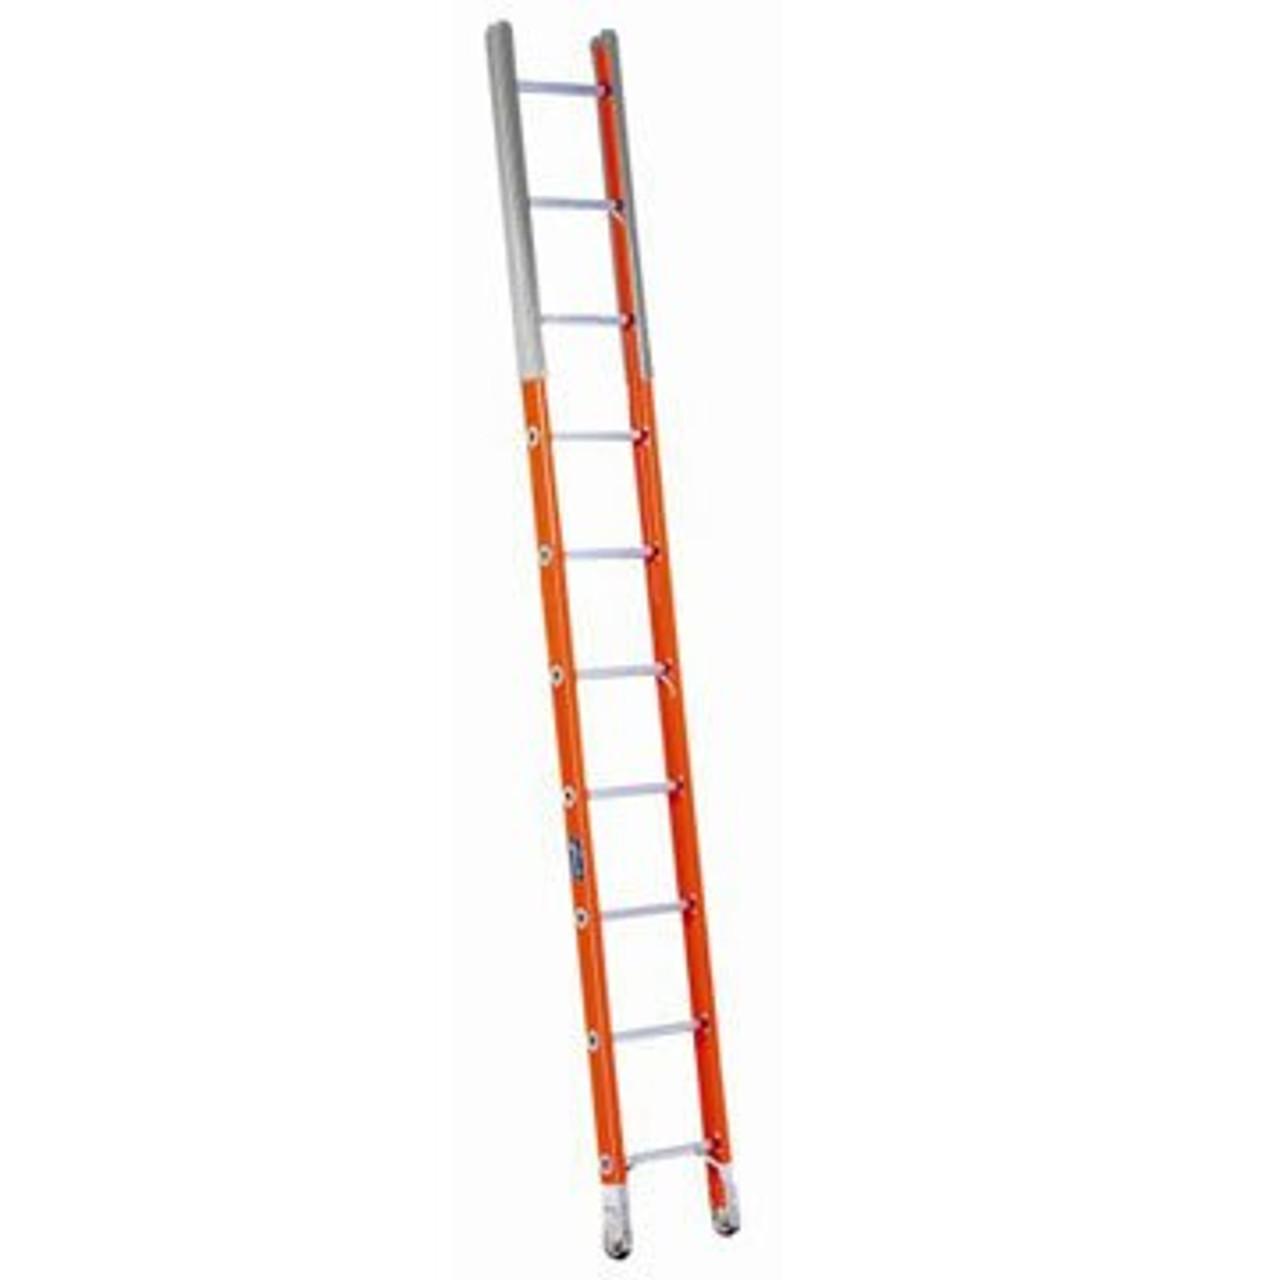 14' Fiberglass Manhole Ladder - LL FE8914